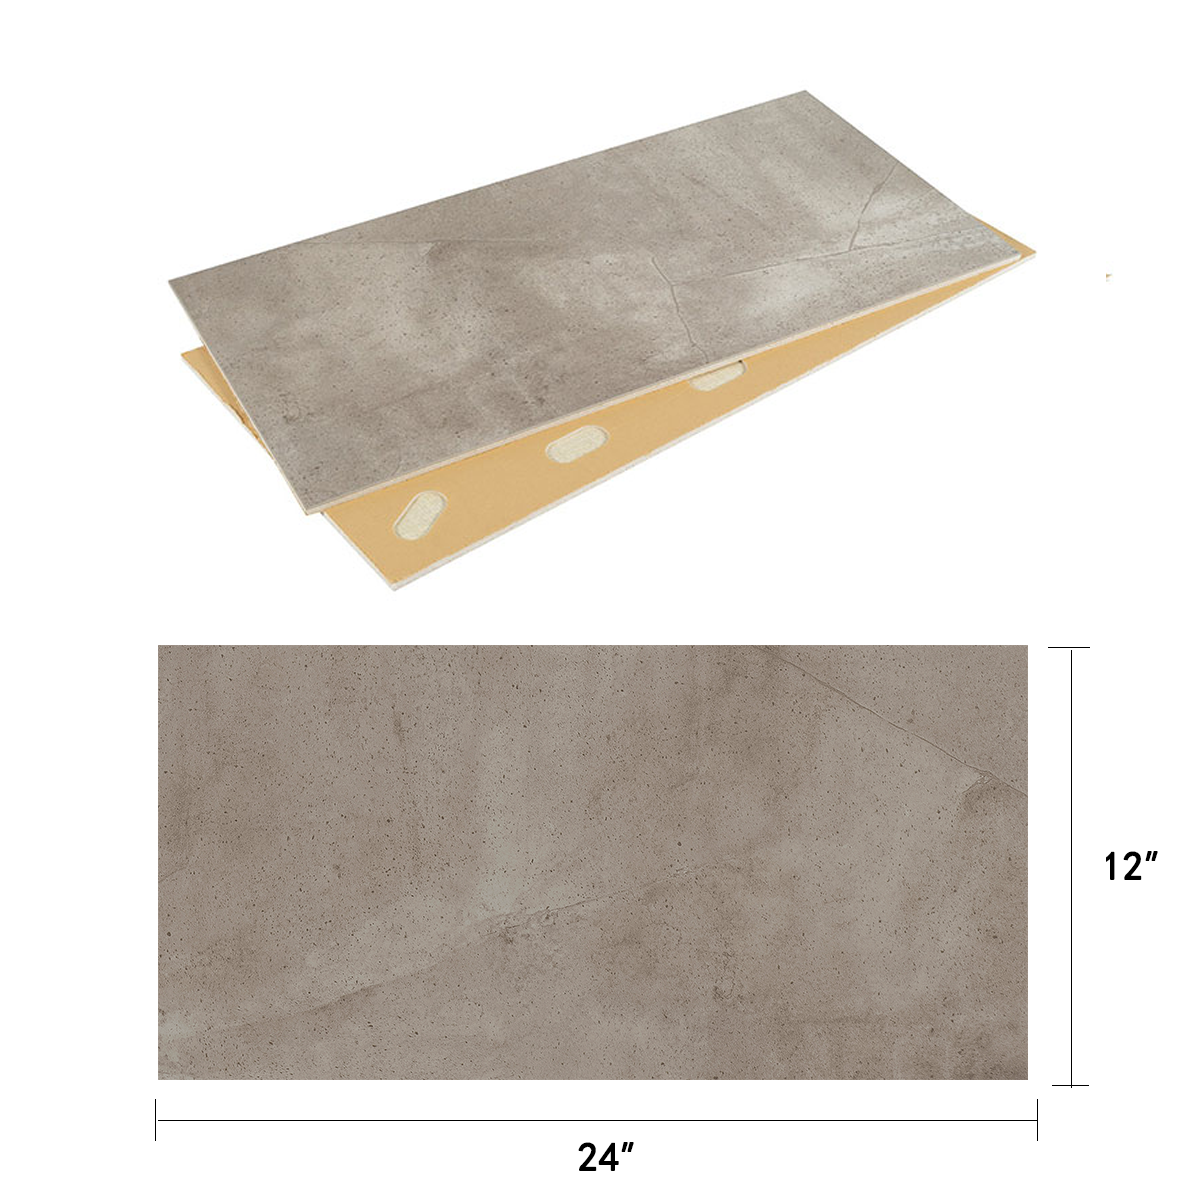 DECORAPORT NSM Panneau Mural, Pierre Classique,24'' x12'' (NCS-01) (10 Pcs-Paquet) (20,01 sq.ft/ Paquet)